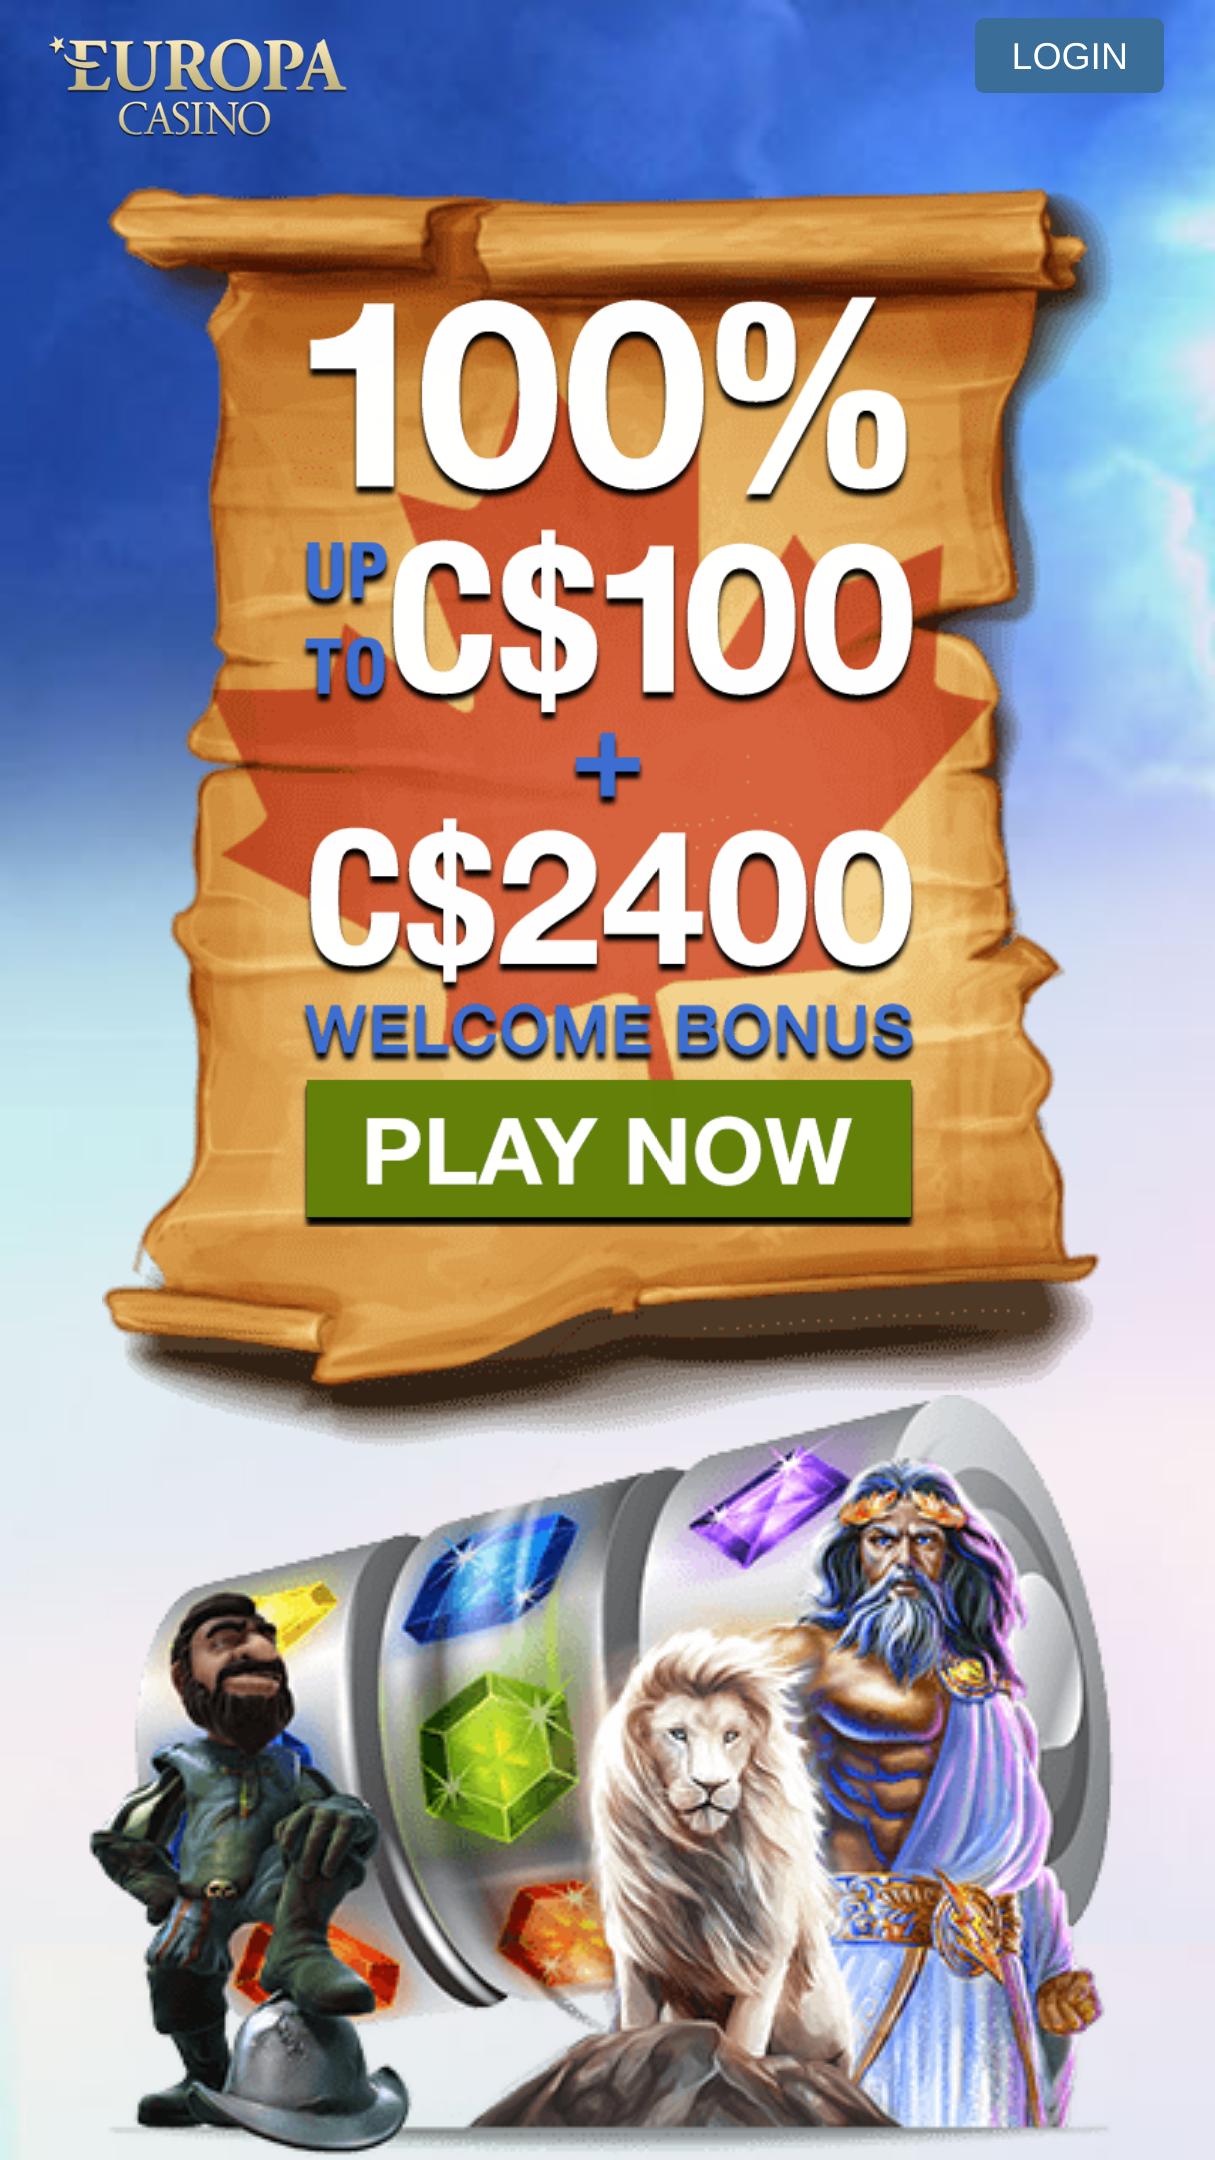 durchschnittler jackpot lotto 6 aus 49